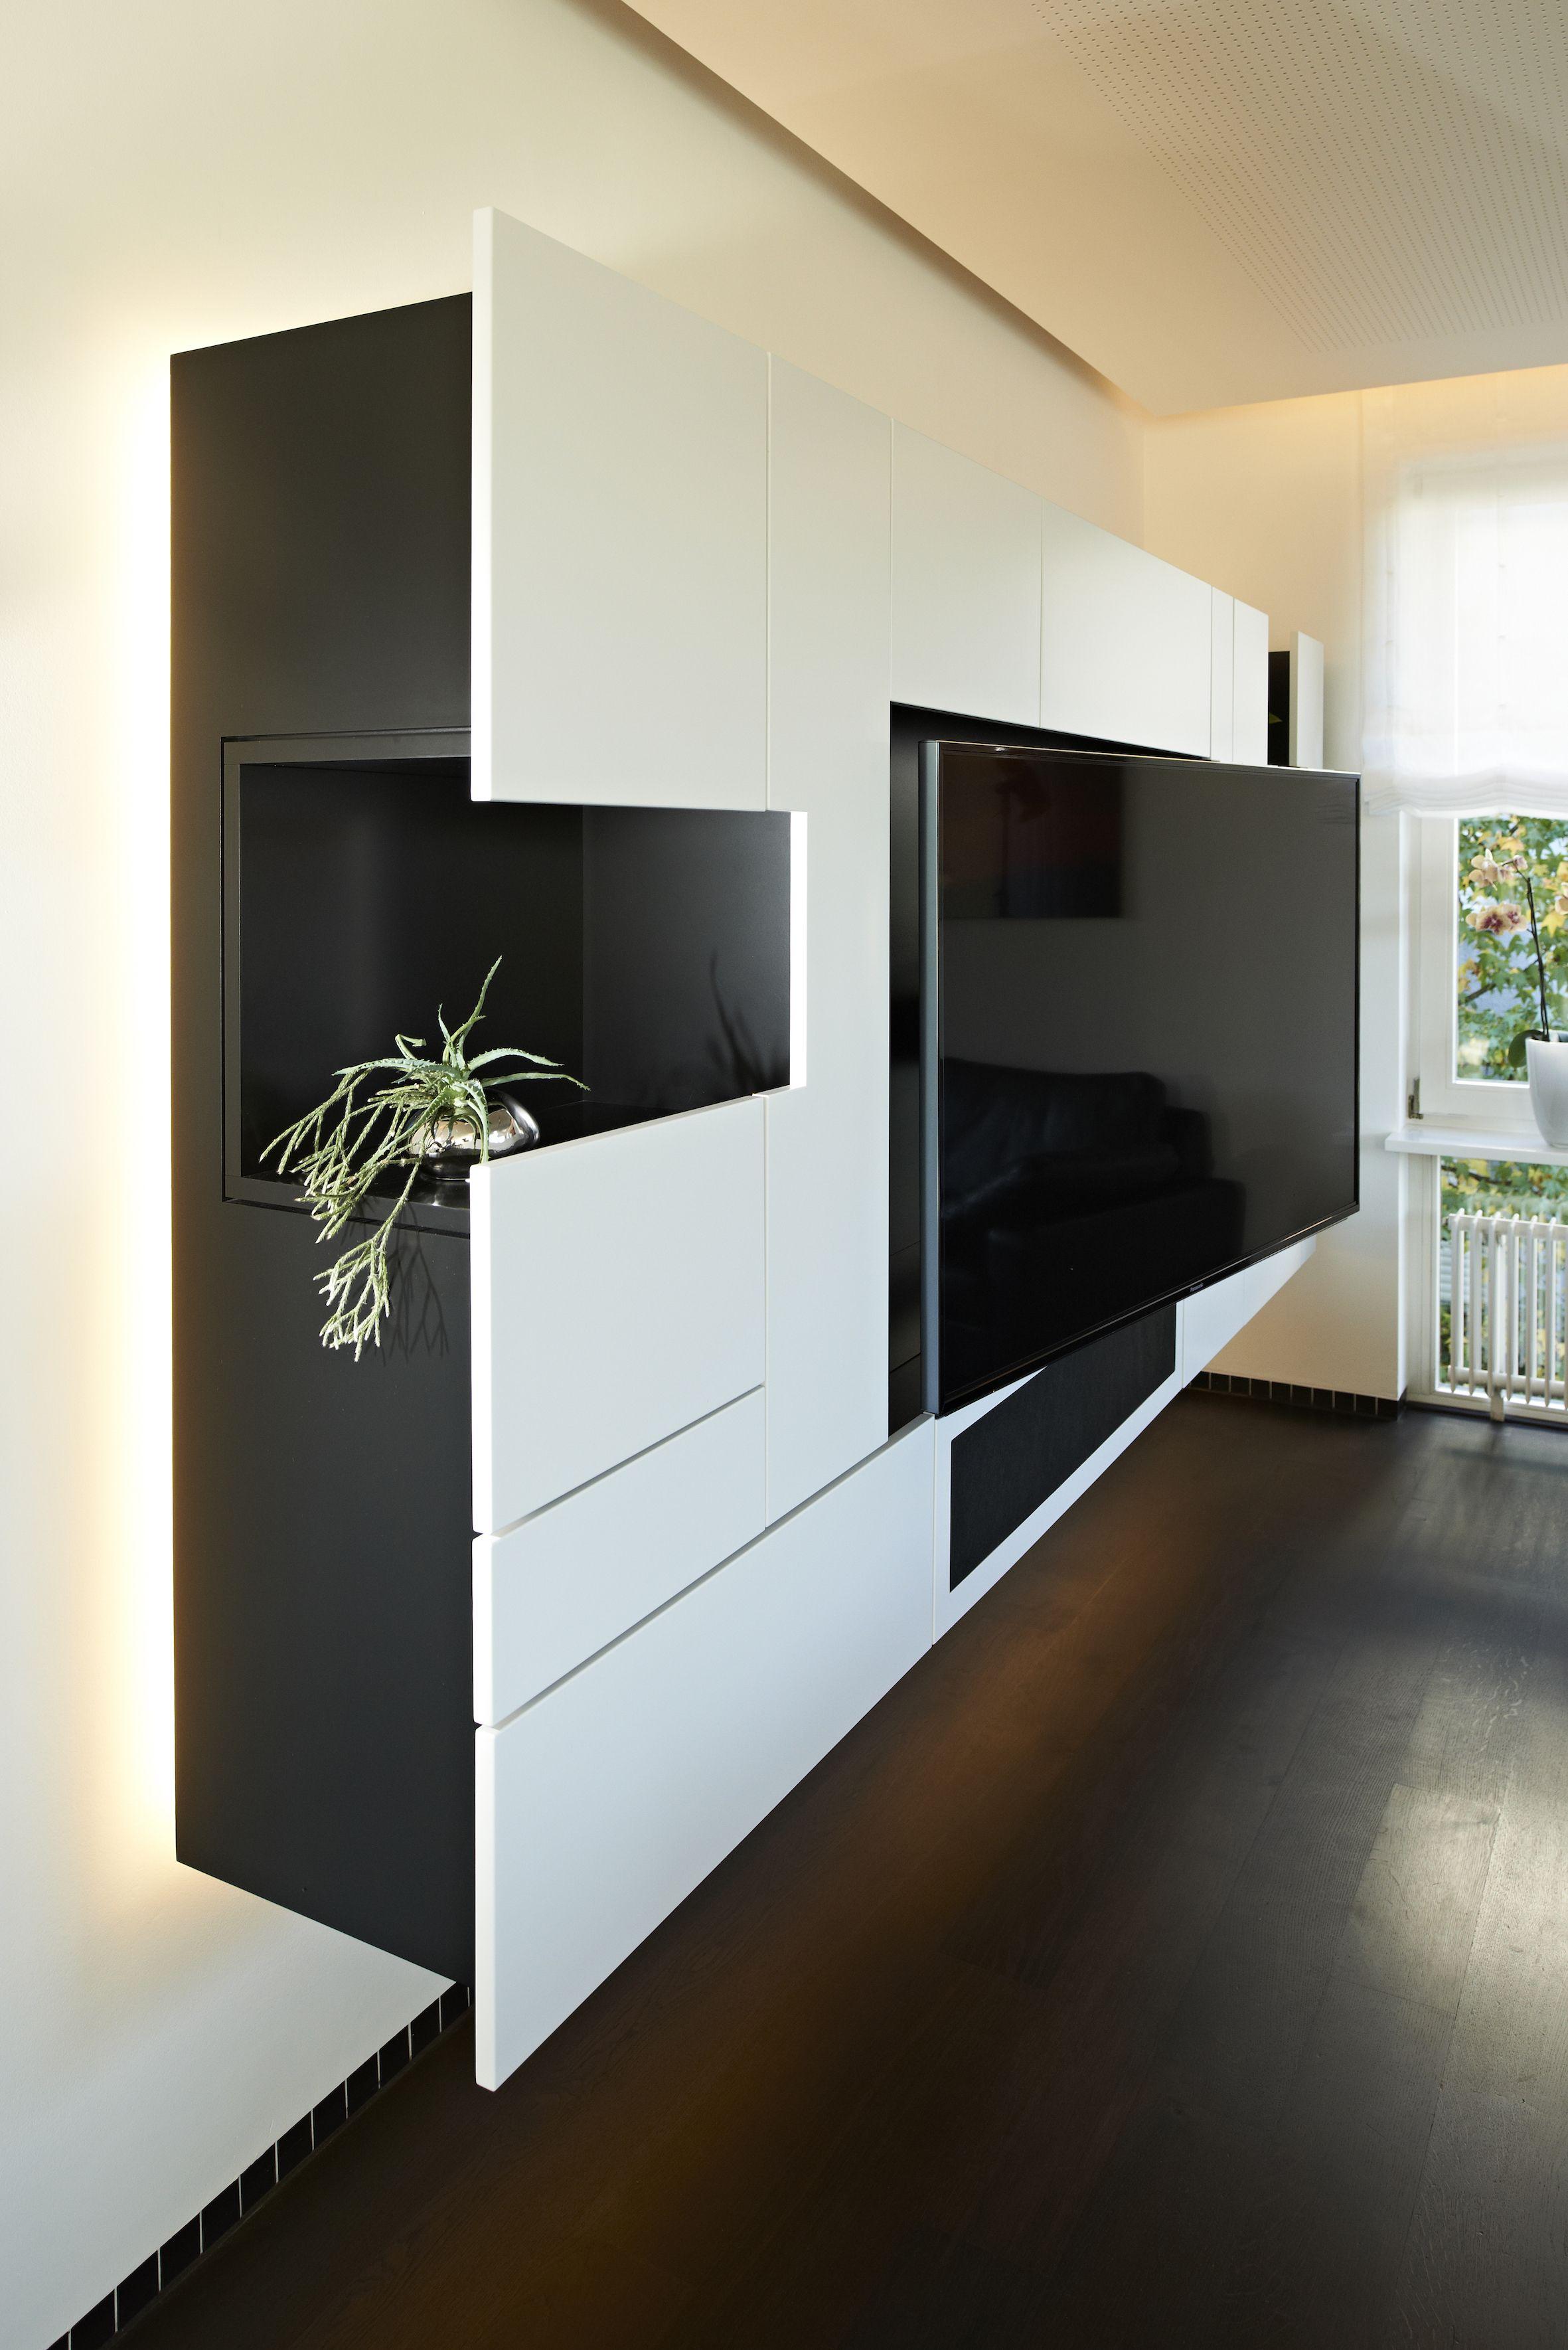 Das Tv Mobel Ist Wandhagend Montiert Und In Schwarz Weisser Lackierung Gefertigt Eine Indirekte Led Beleuchtung Sc Wohnzimmereinrichtung Wohnzimmer Flur Mobel